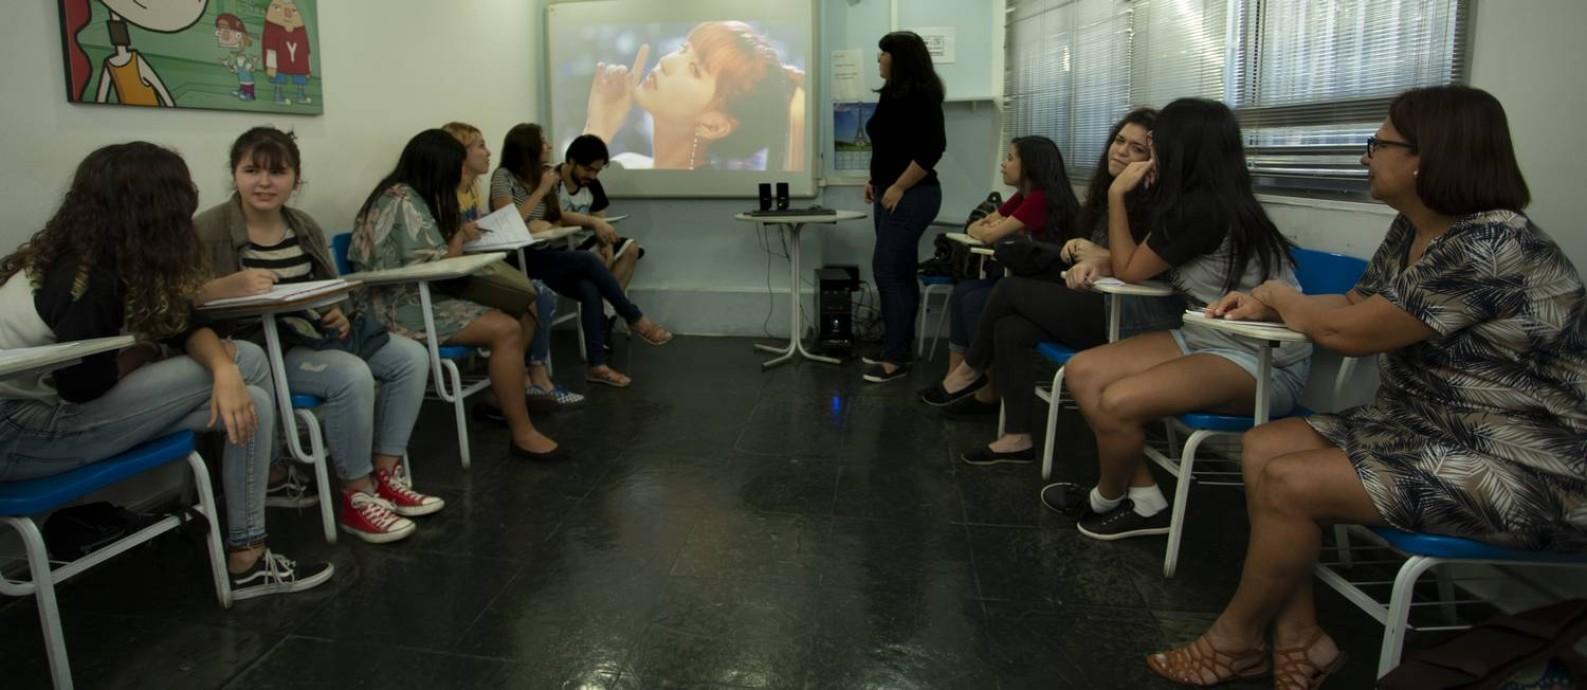 Aula de coreano no Yázigi, Tijuca, com exibição do clipe da banda de k-pop TWICE Foto: ROBERTO MOREYRA / Agência O Globo